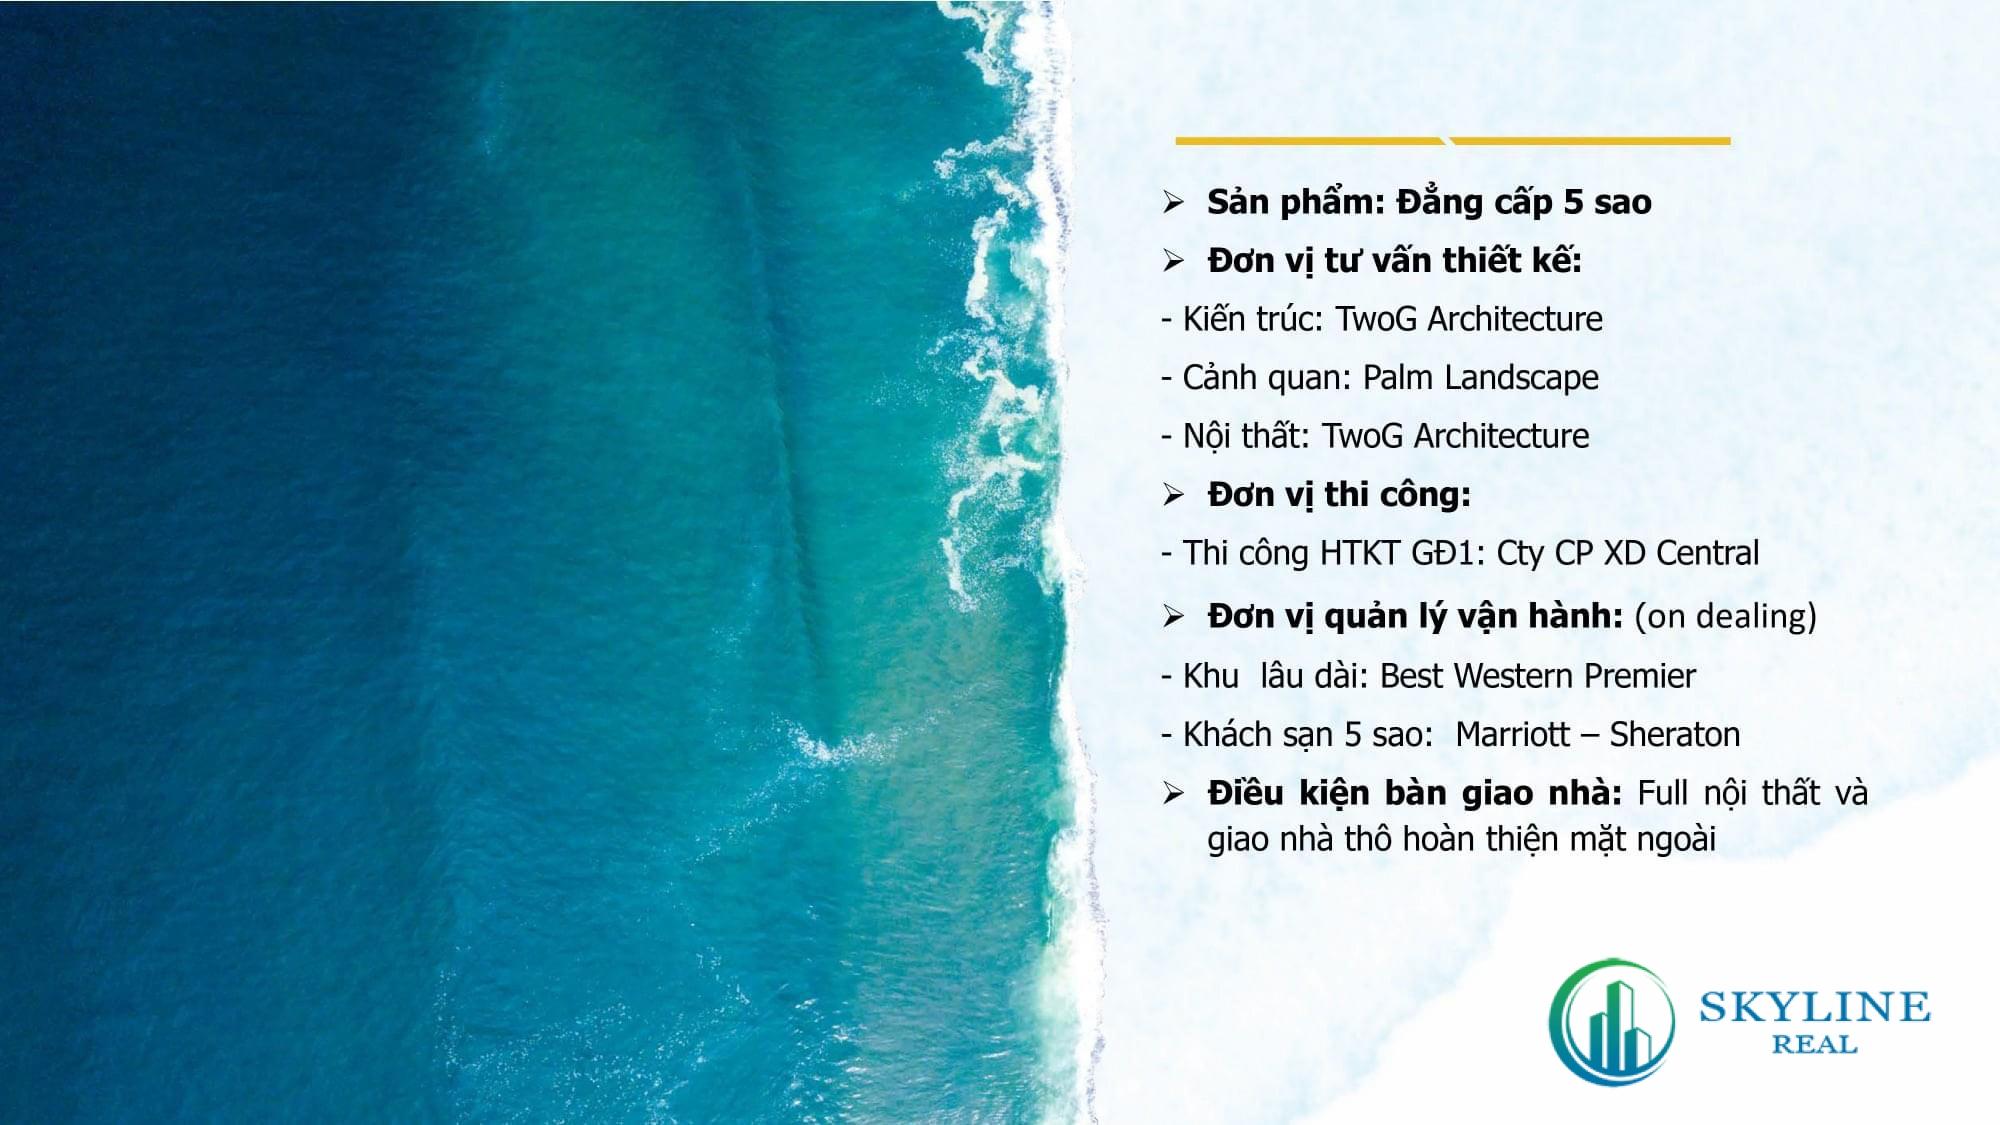 Tổng quan về dự án Venezia Beach chủ đầu tư Danh Việt